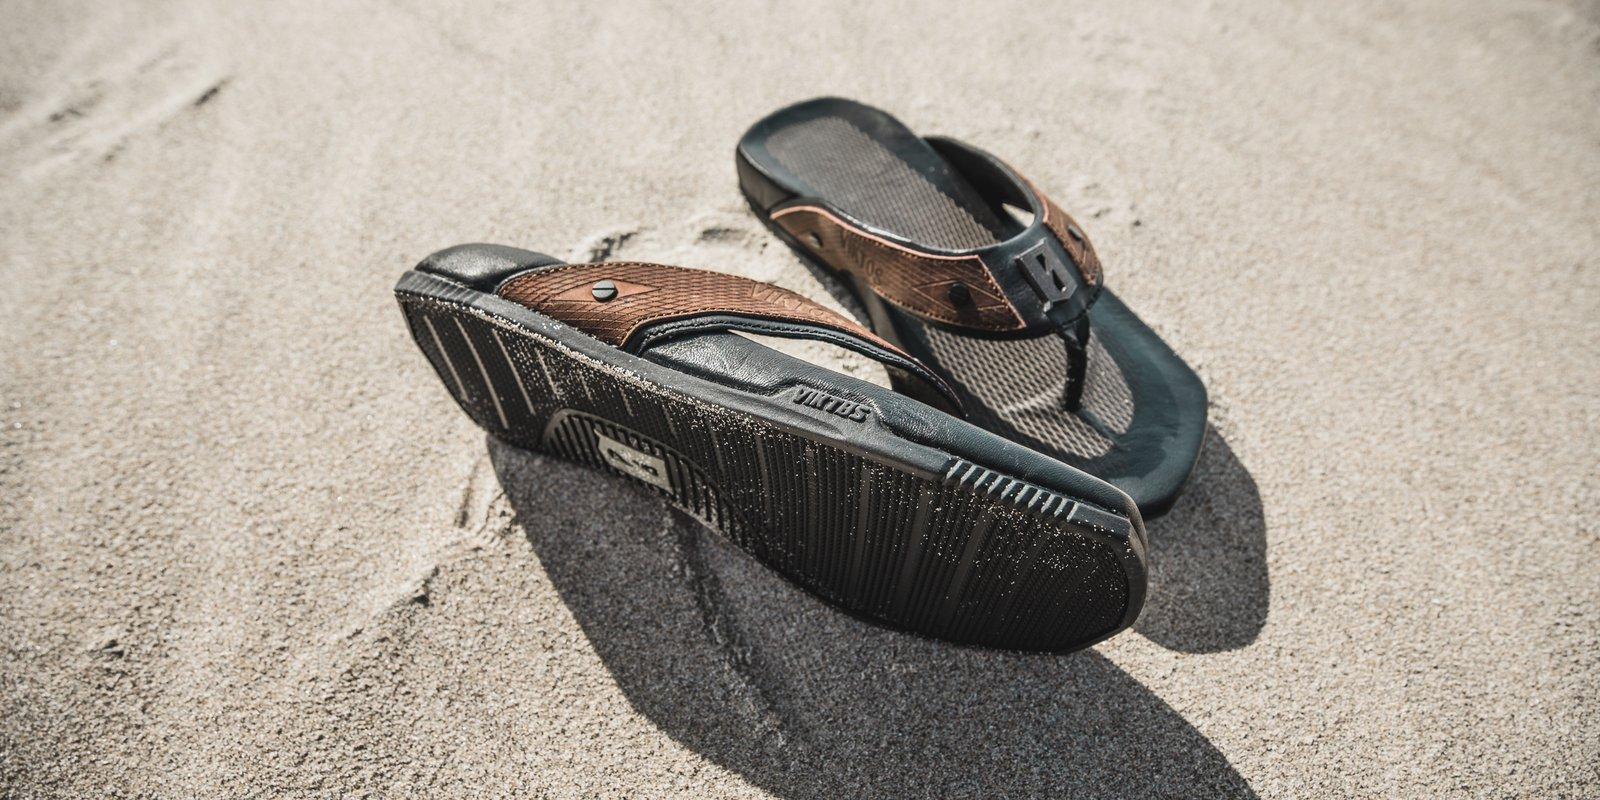 759367f58900 Super Punch  Tactical sandals